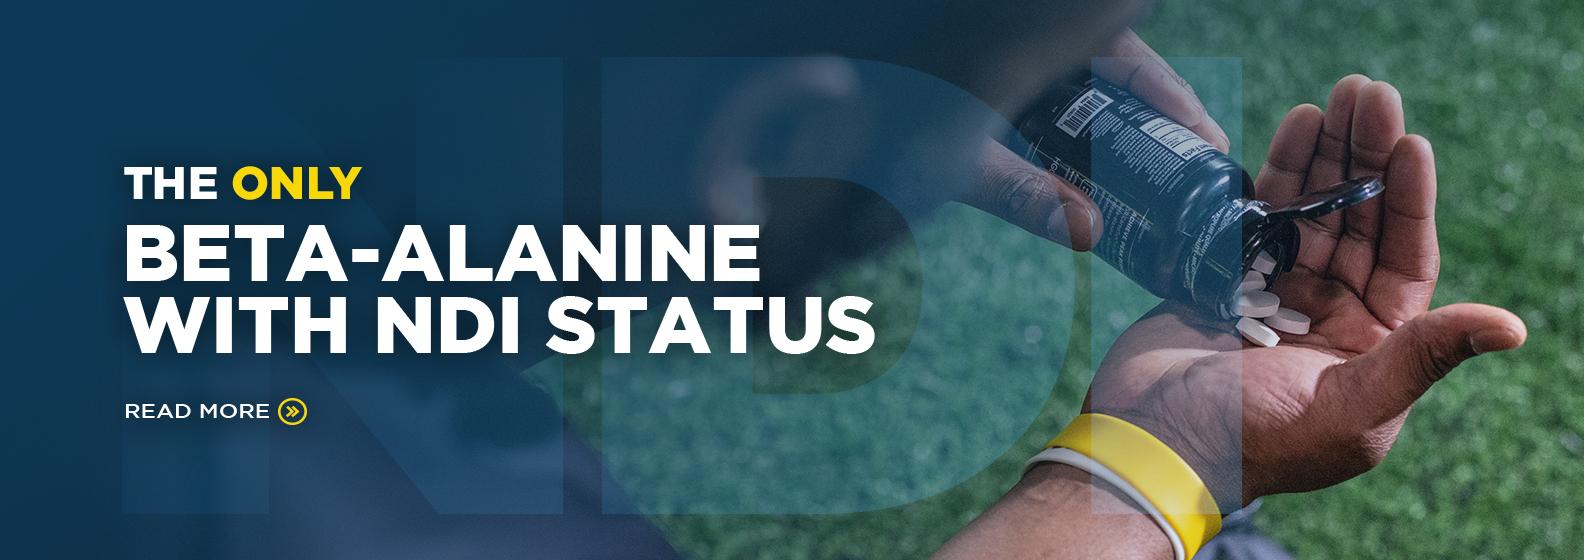 only beta alanine with ndi status